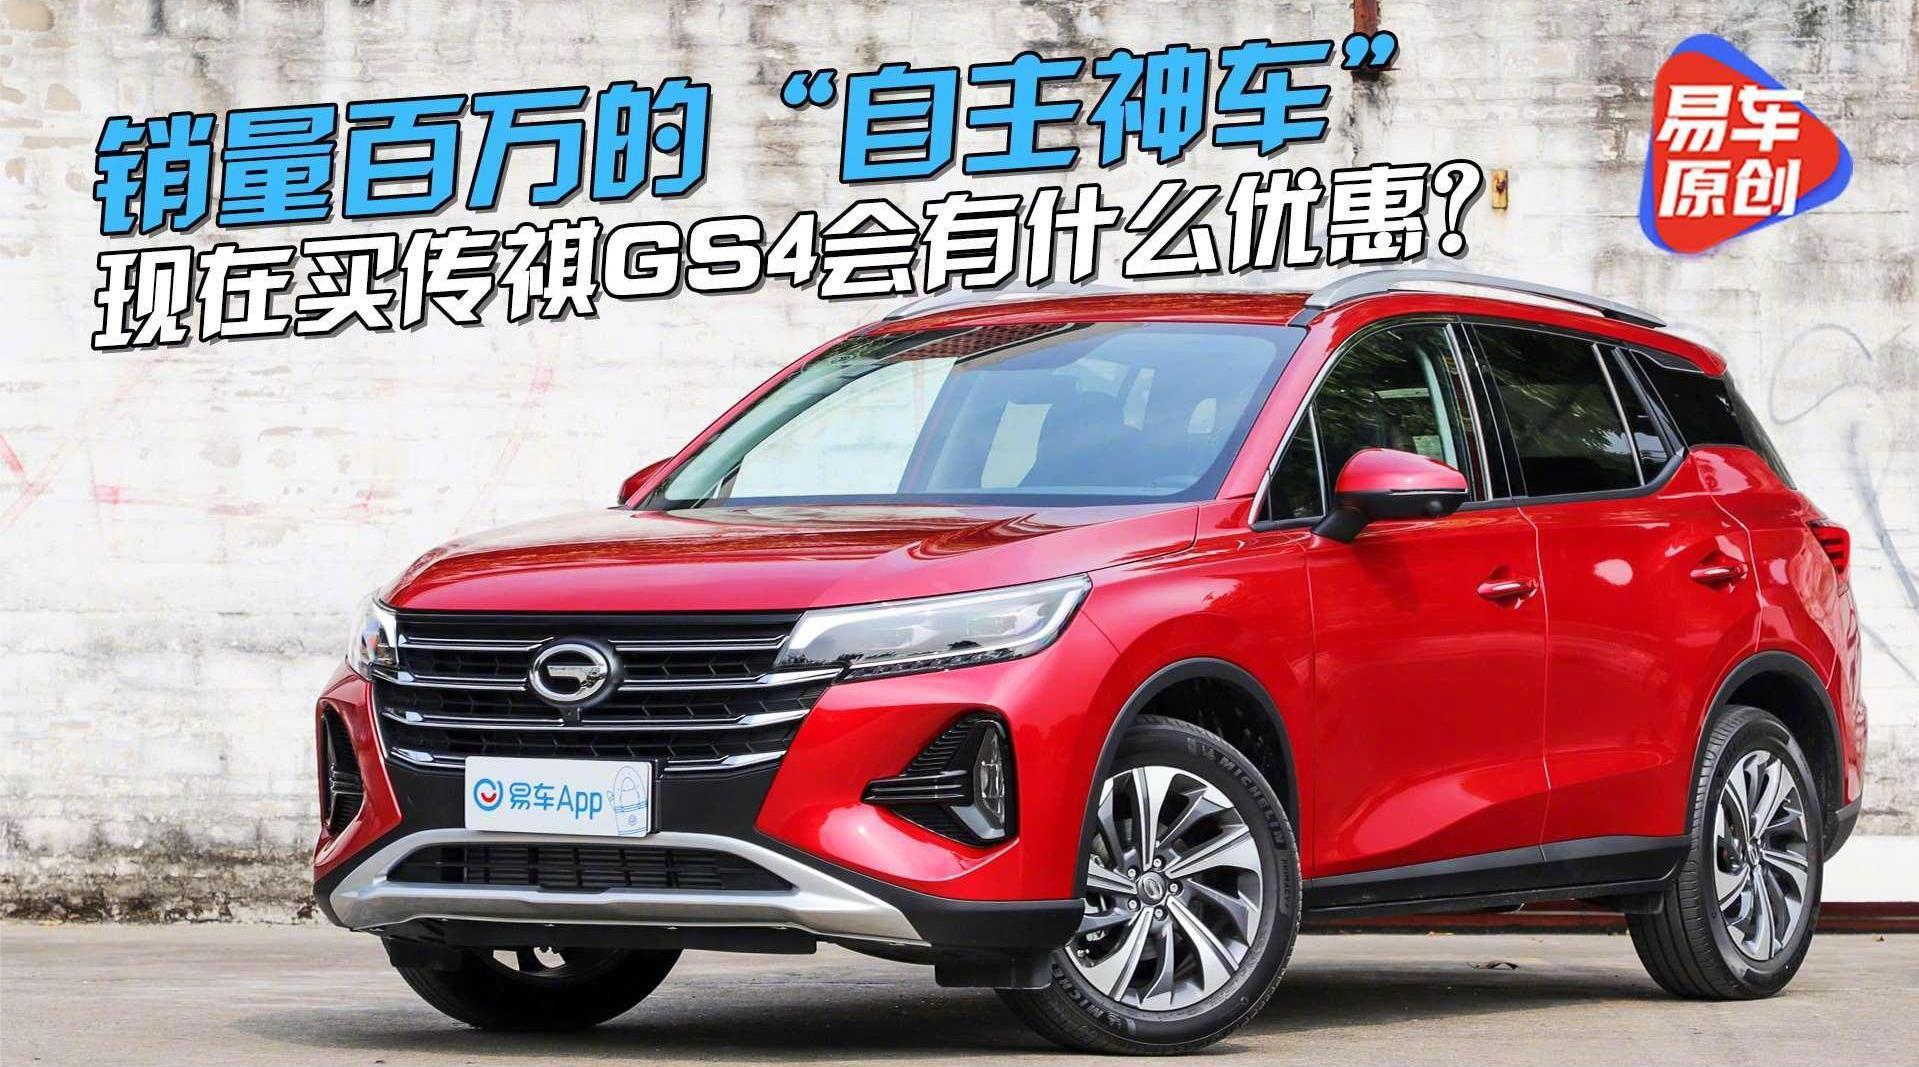 """视频:销量破百万的""""自主品牌神车"""",现在买传祺GS4会有什么优惠?"""